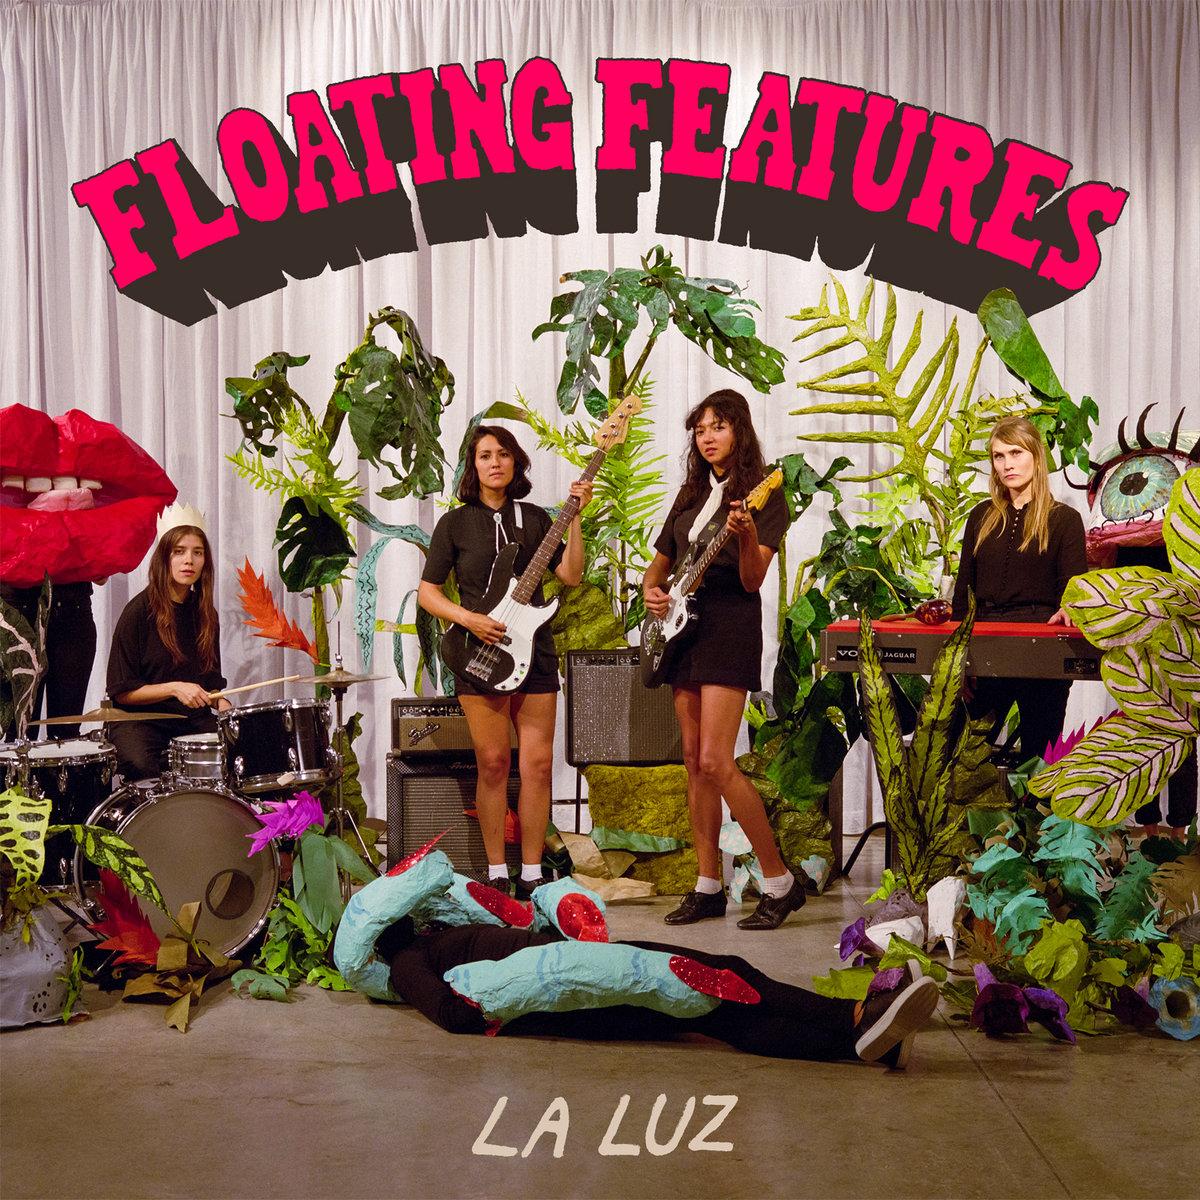 LA LUZ   Floating Features, 2018, Dan Auerbach, 36:00